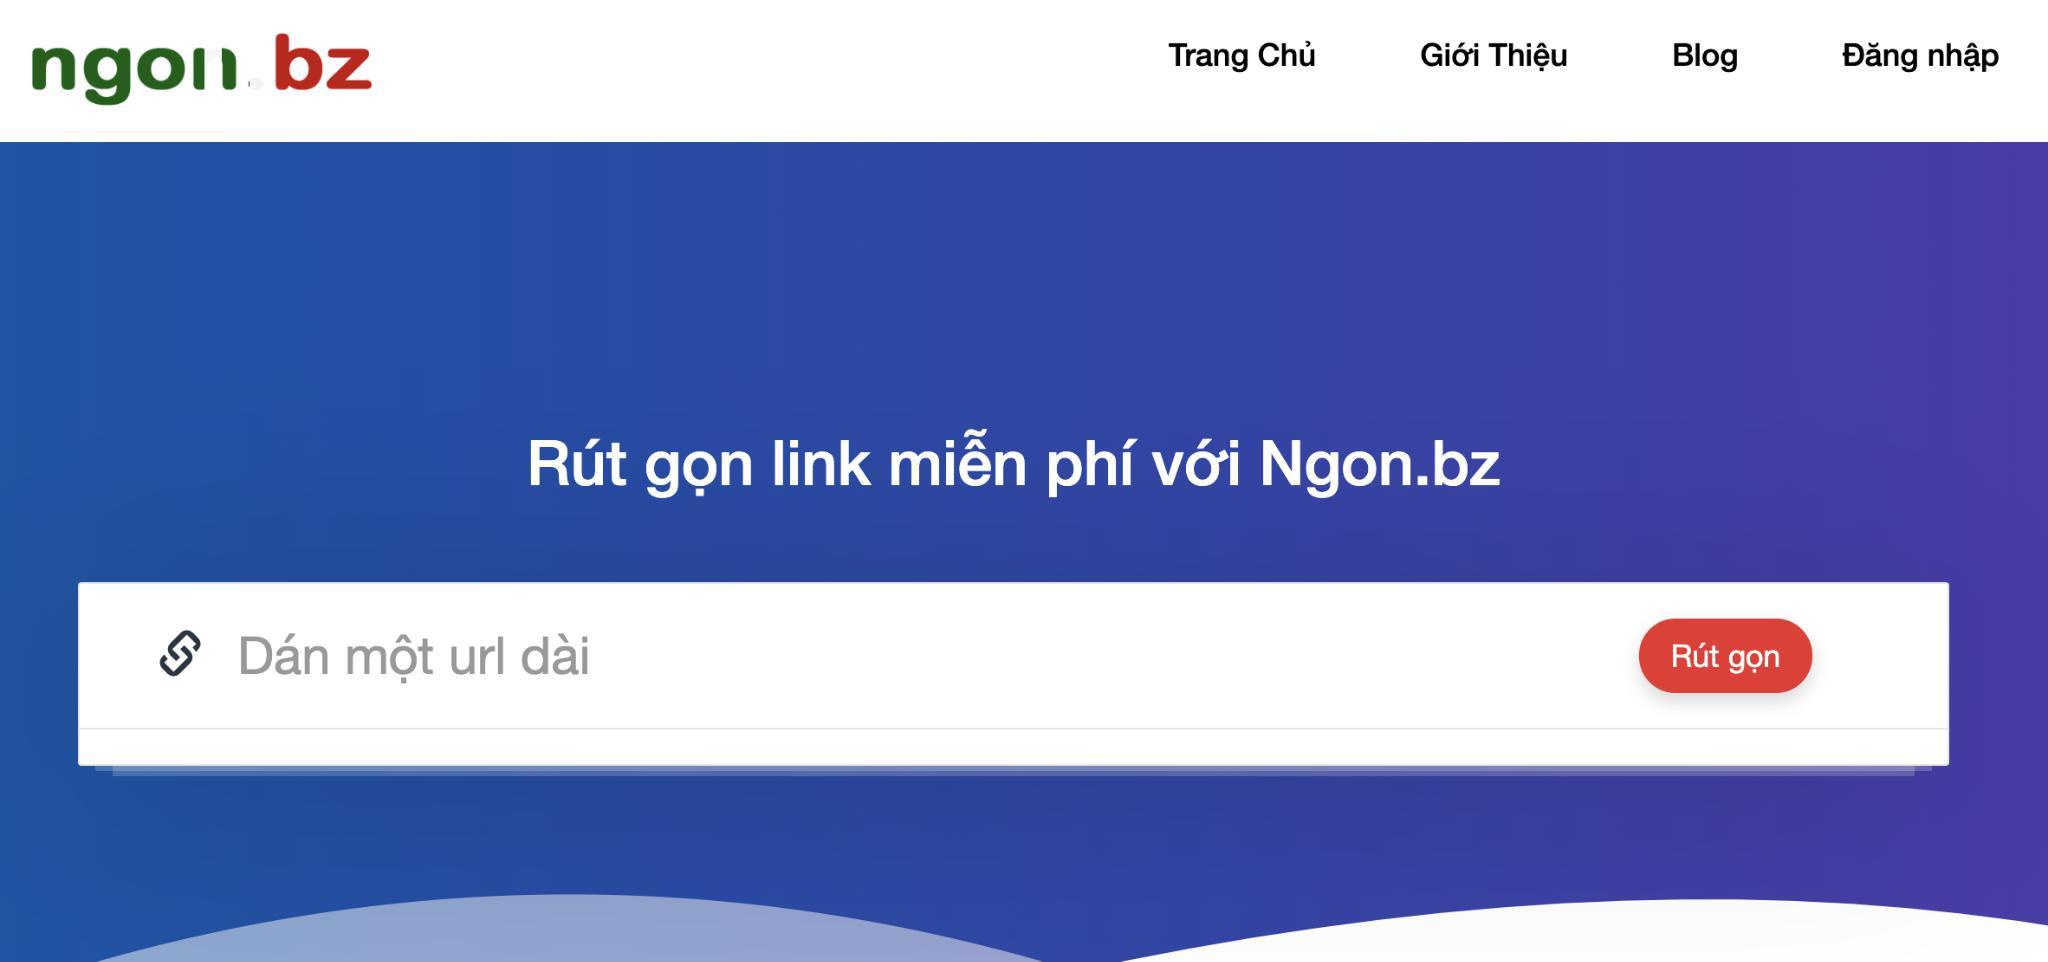 Ngon.bz - Một web link rút gọn tự triển khai độc lập